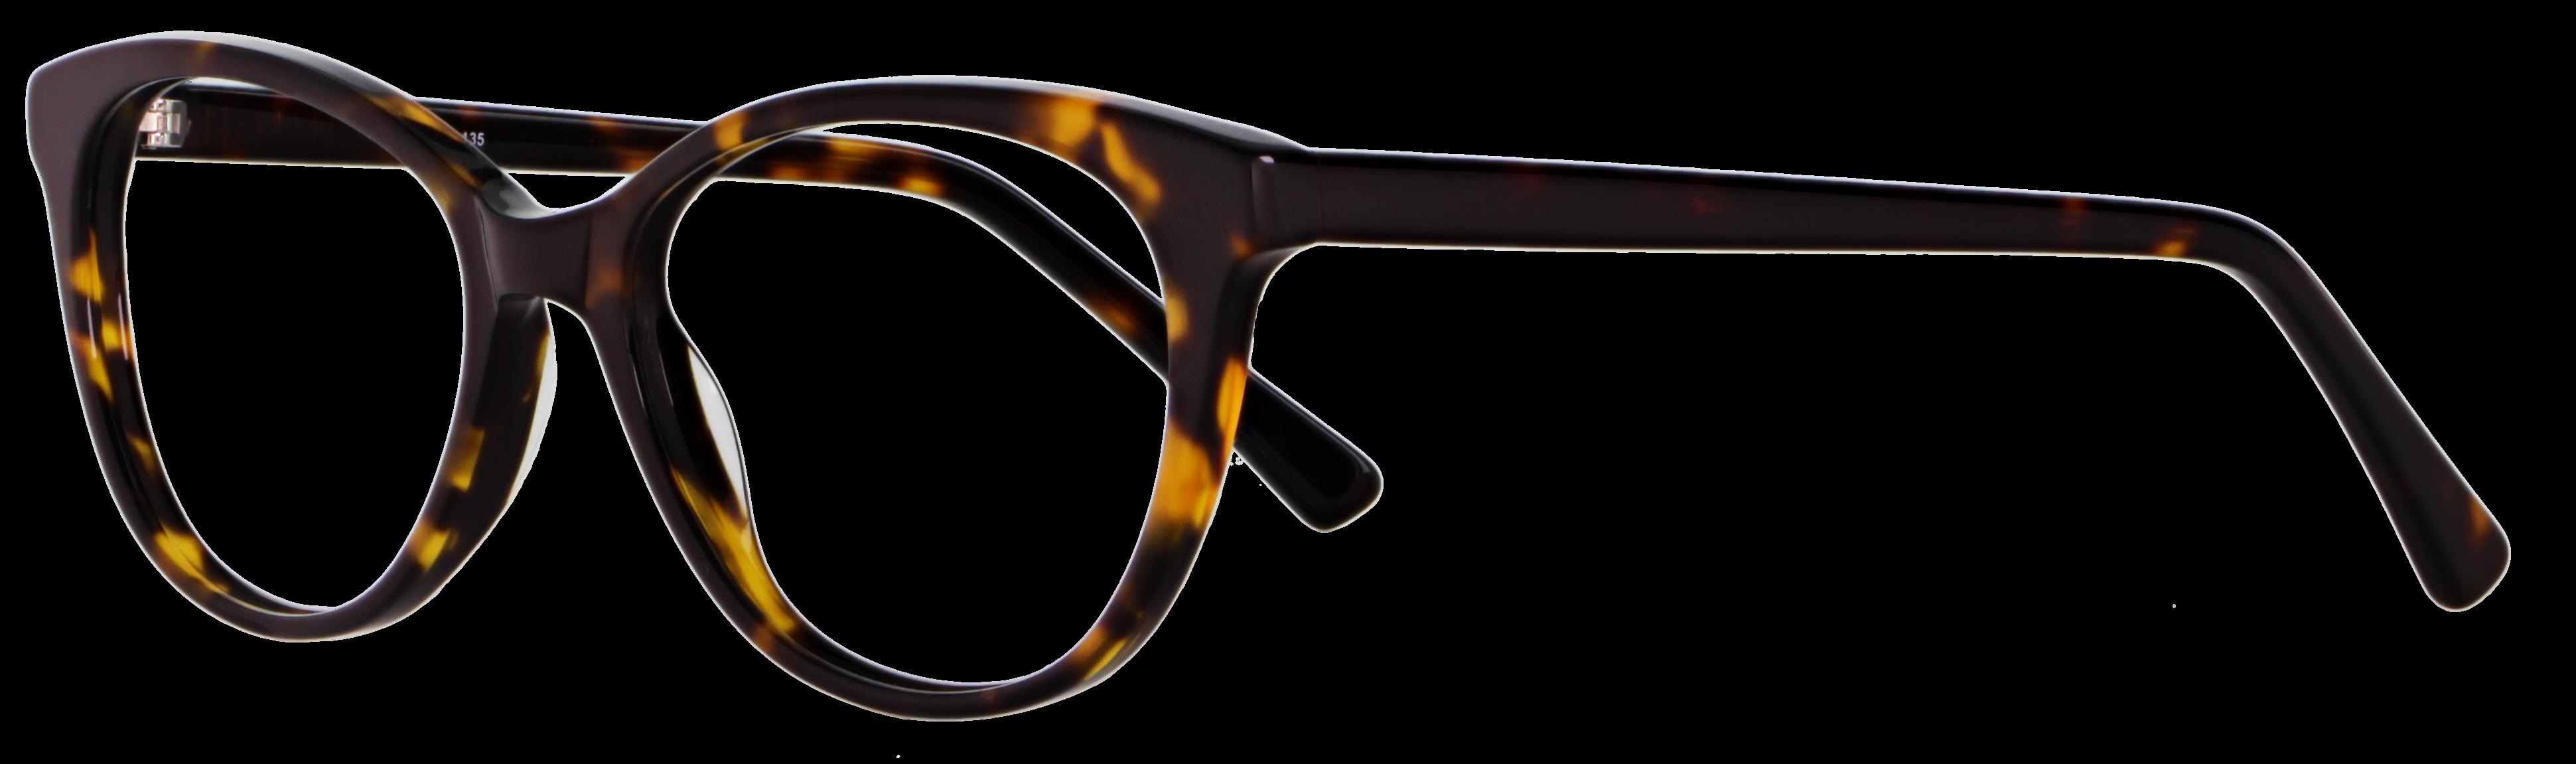 abele optik Brille 140161